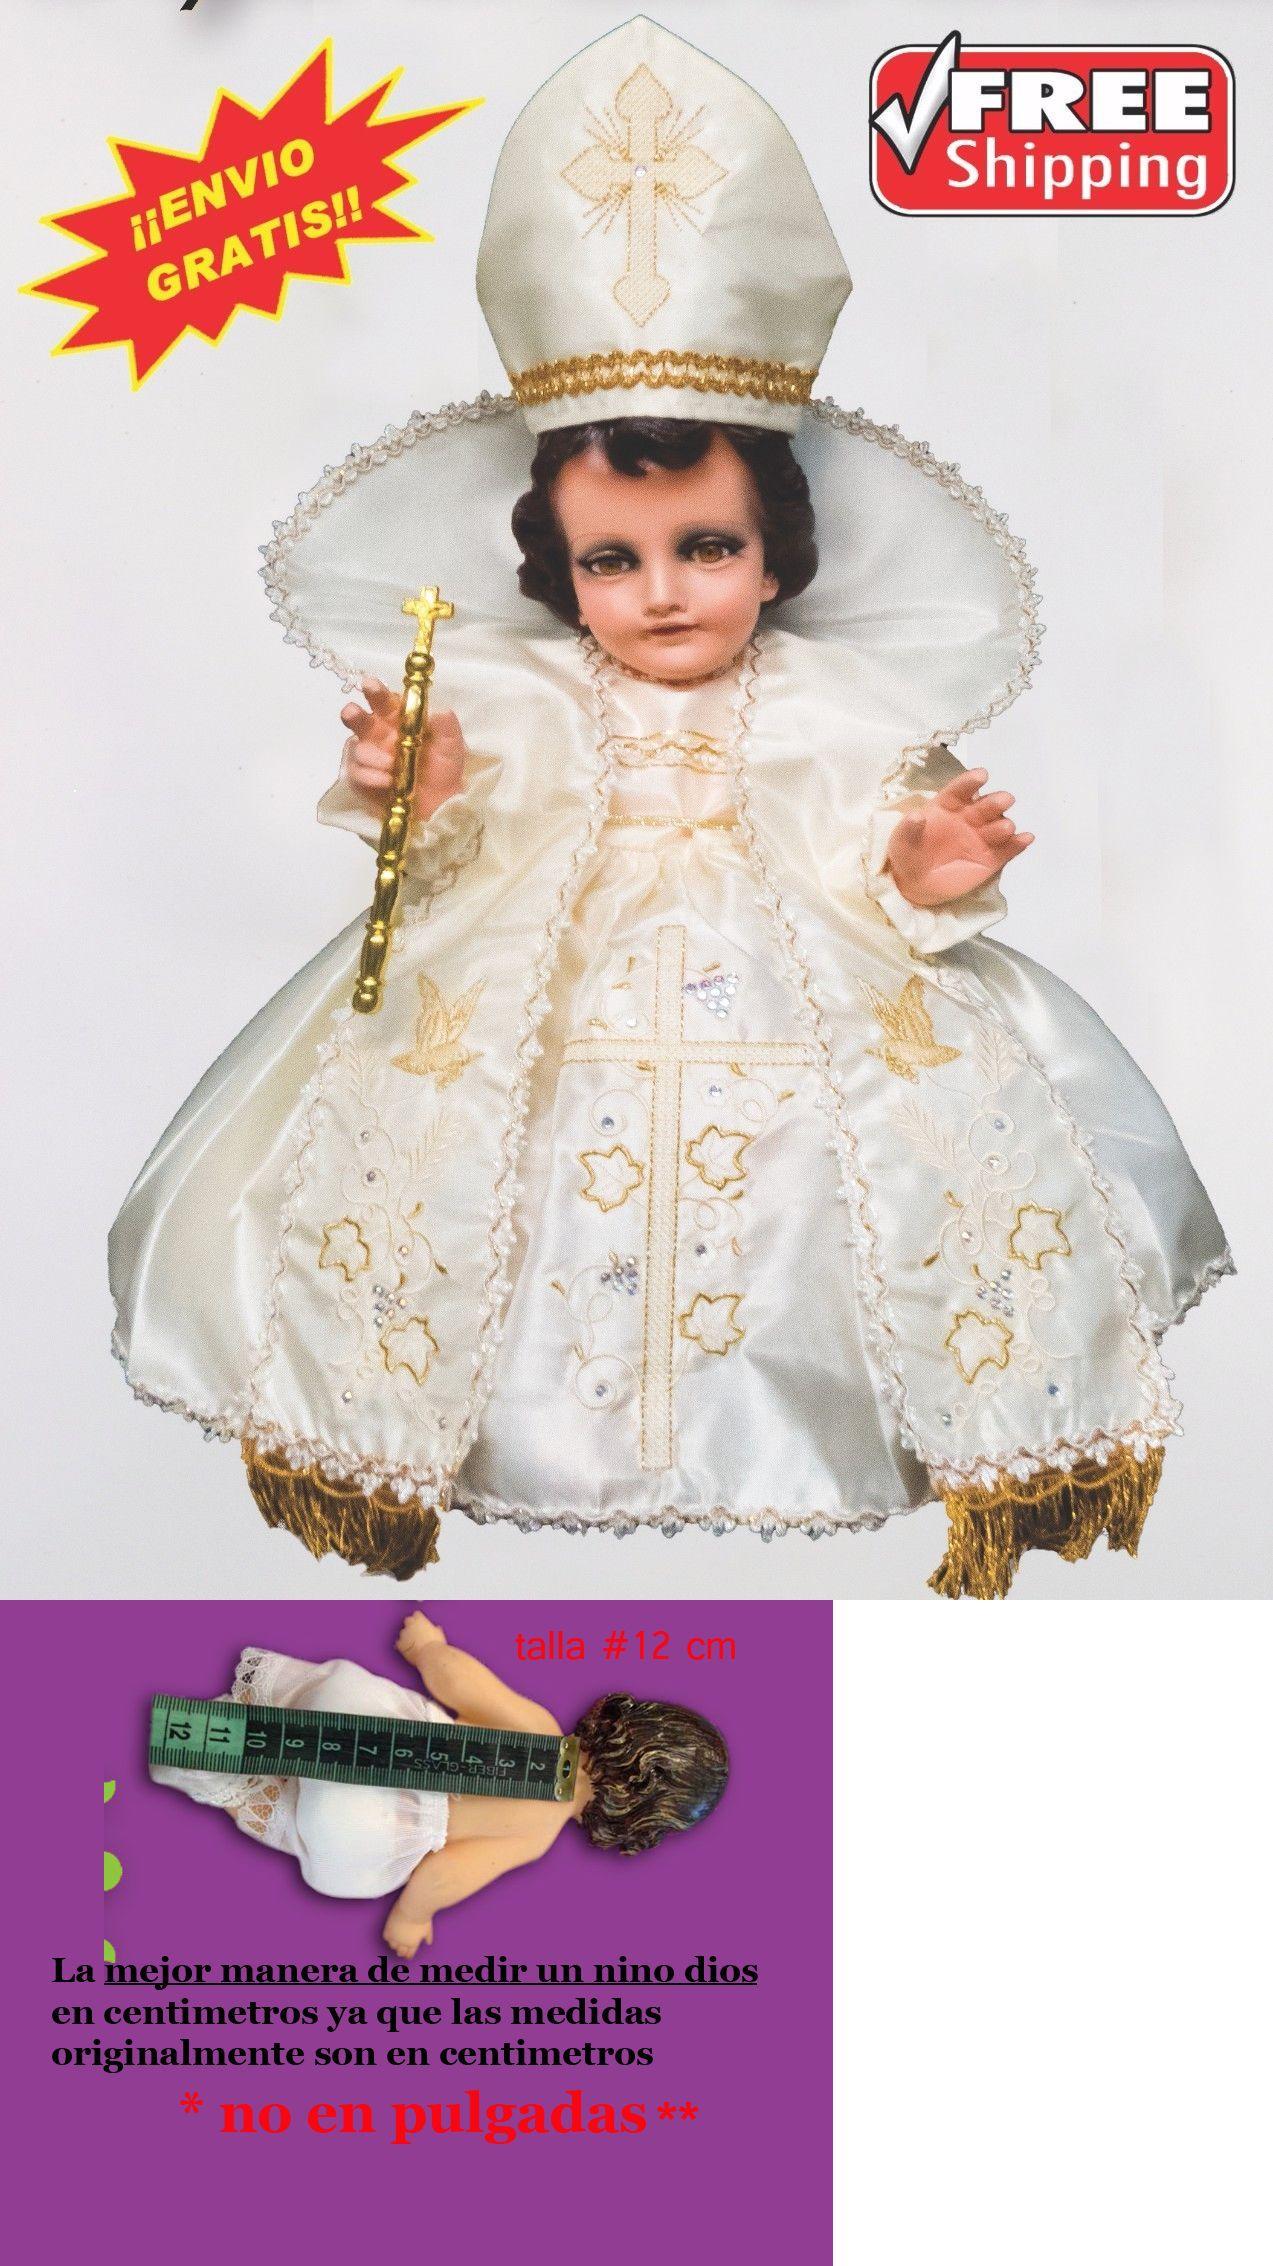 Baby Jesus clothing BAUTIZO Nino de la Salud Nino Dios Ropa Nino Dios